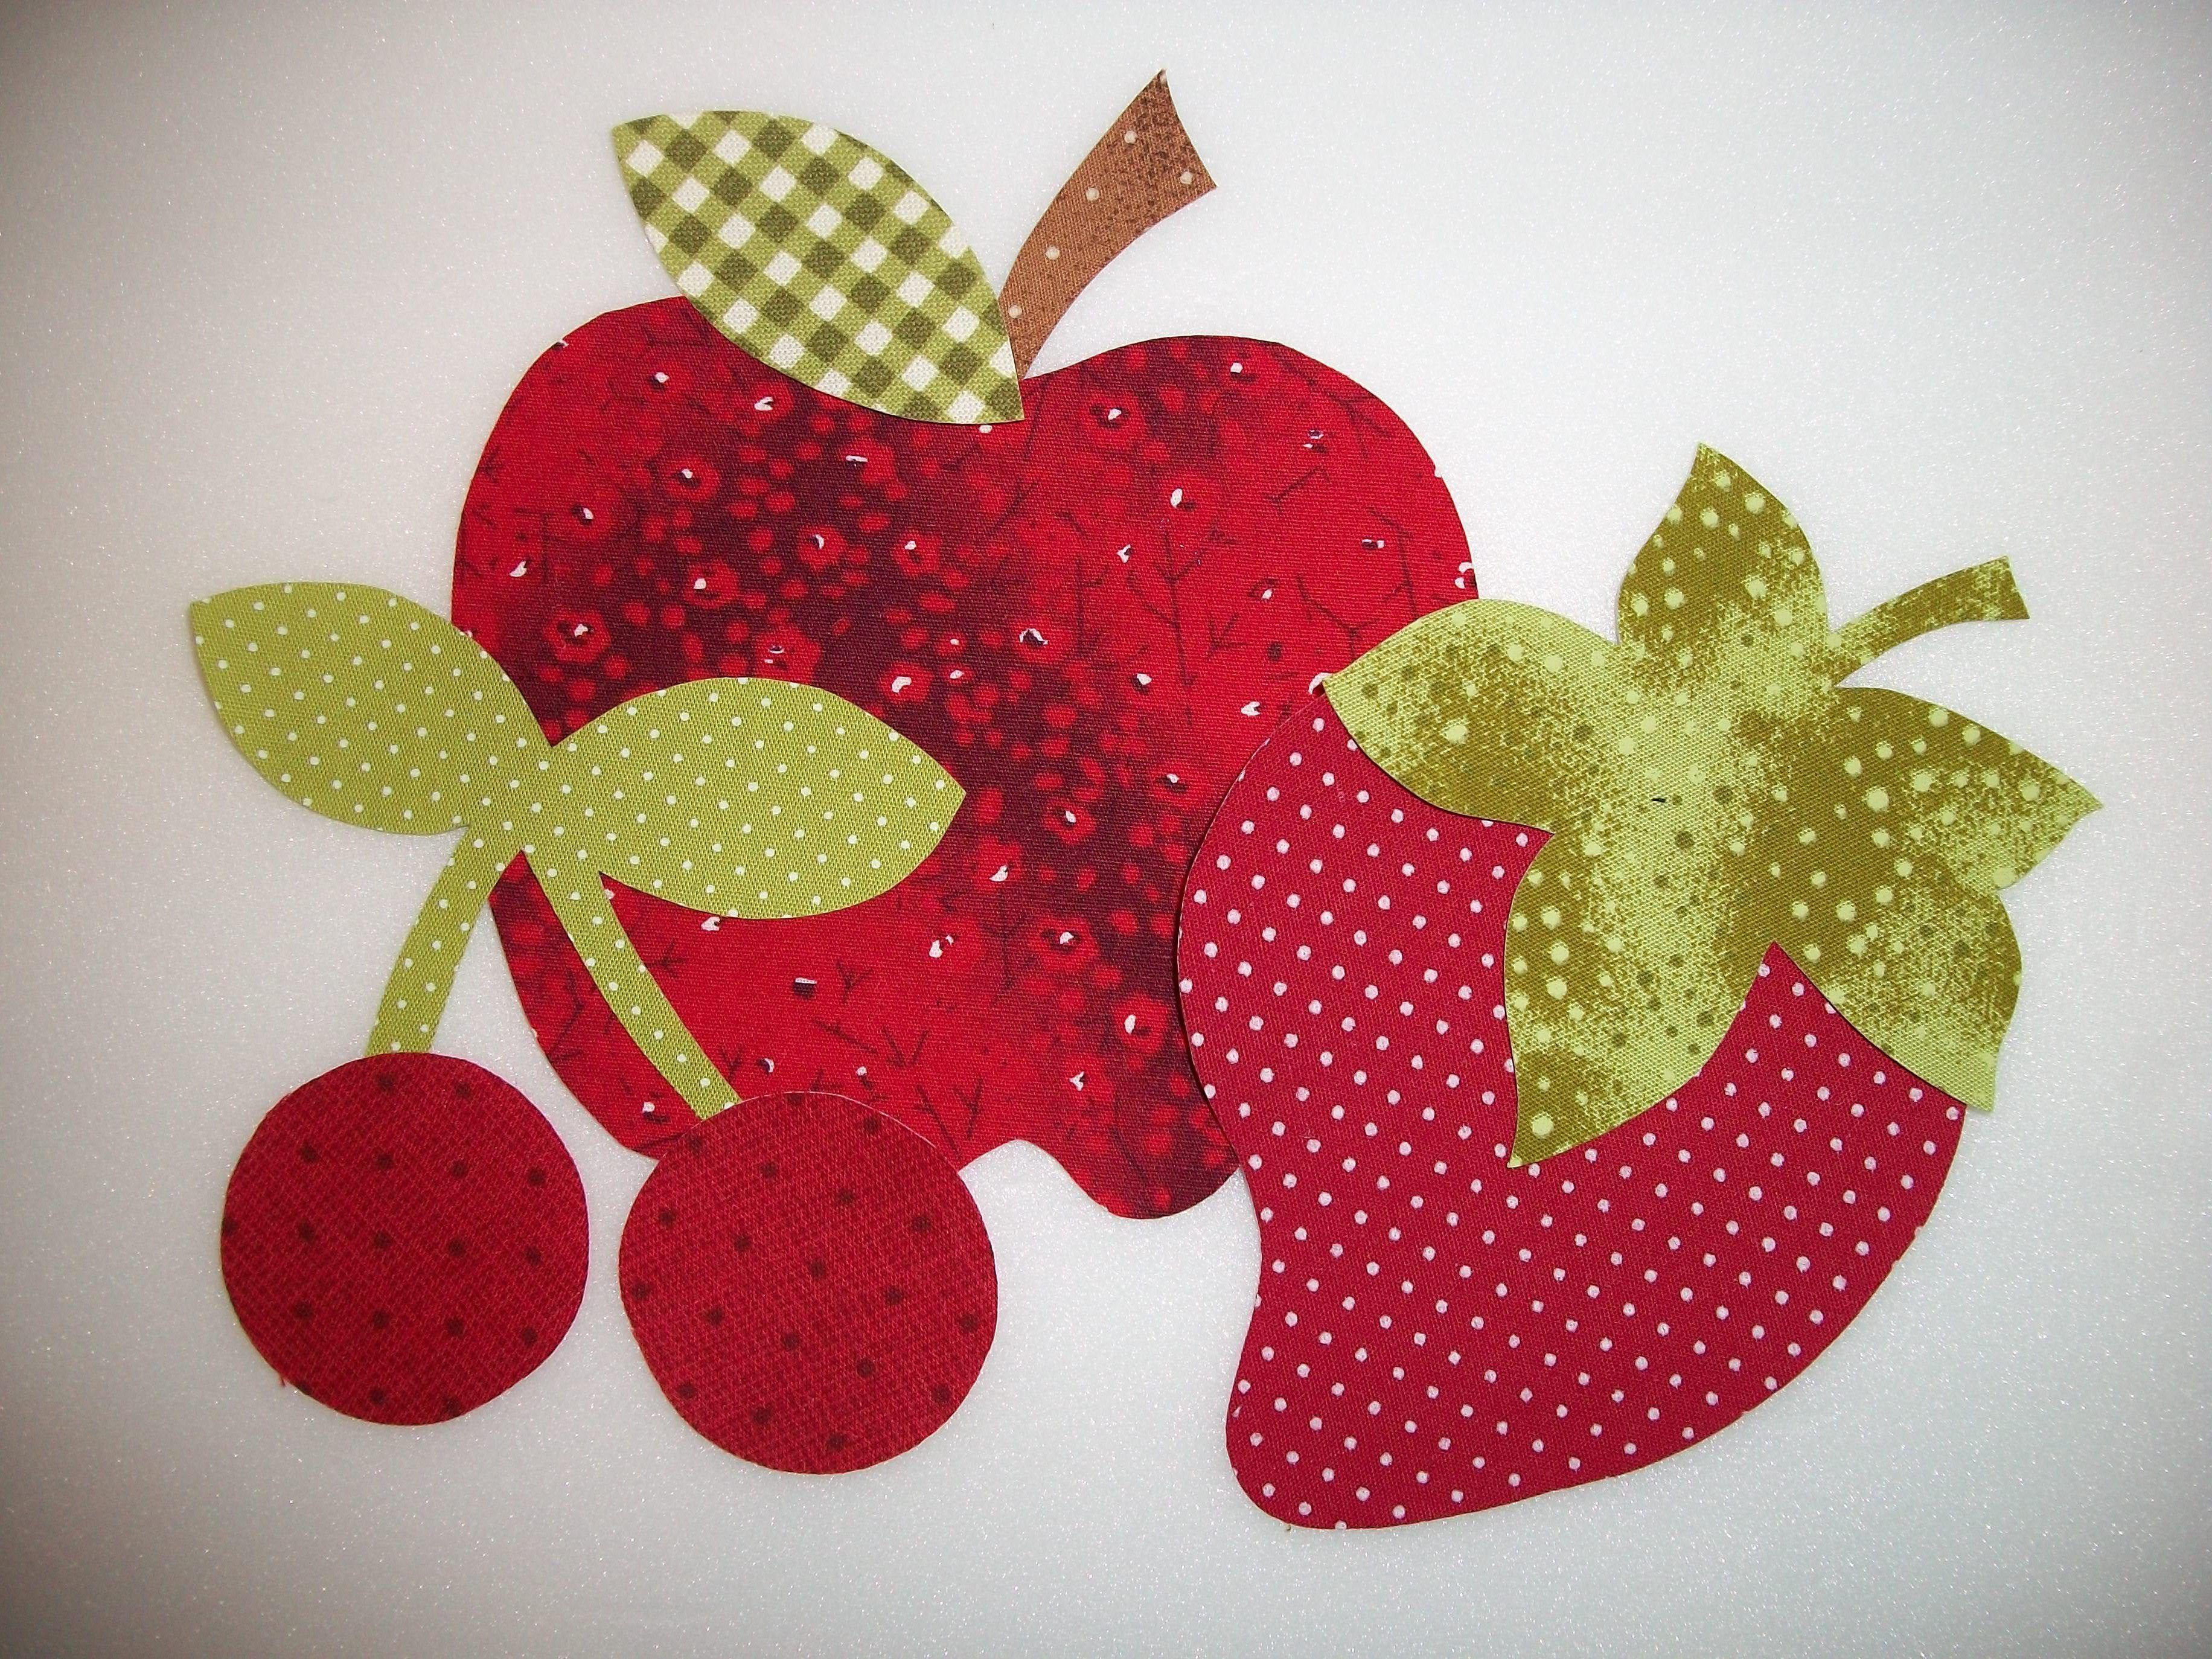 moldes de letras em patchwork - Pesquisa Google   Moldes   Pinterest ...